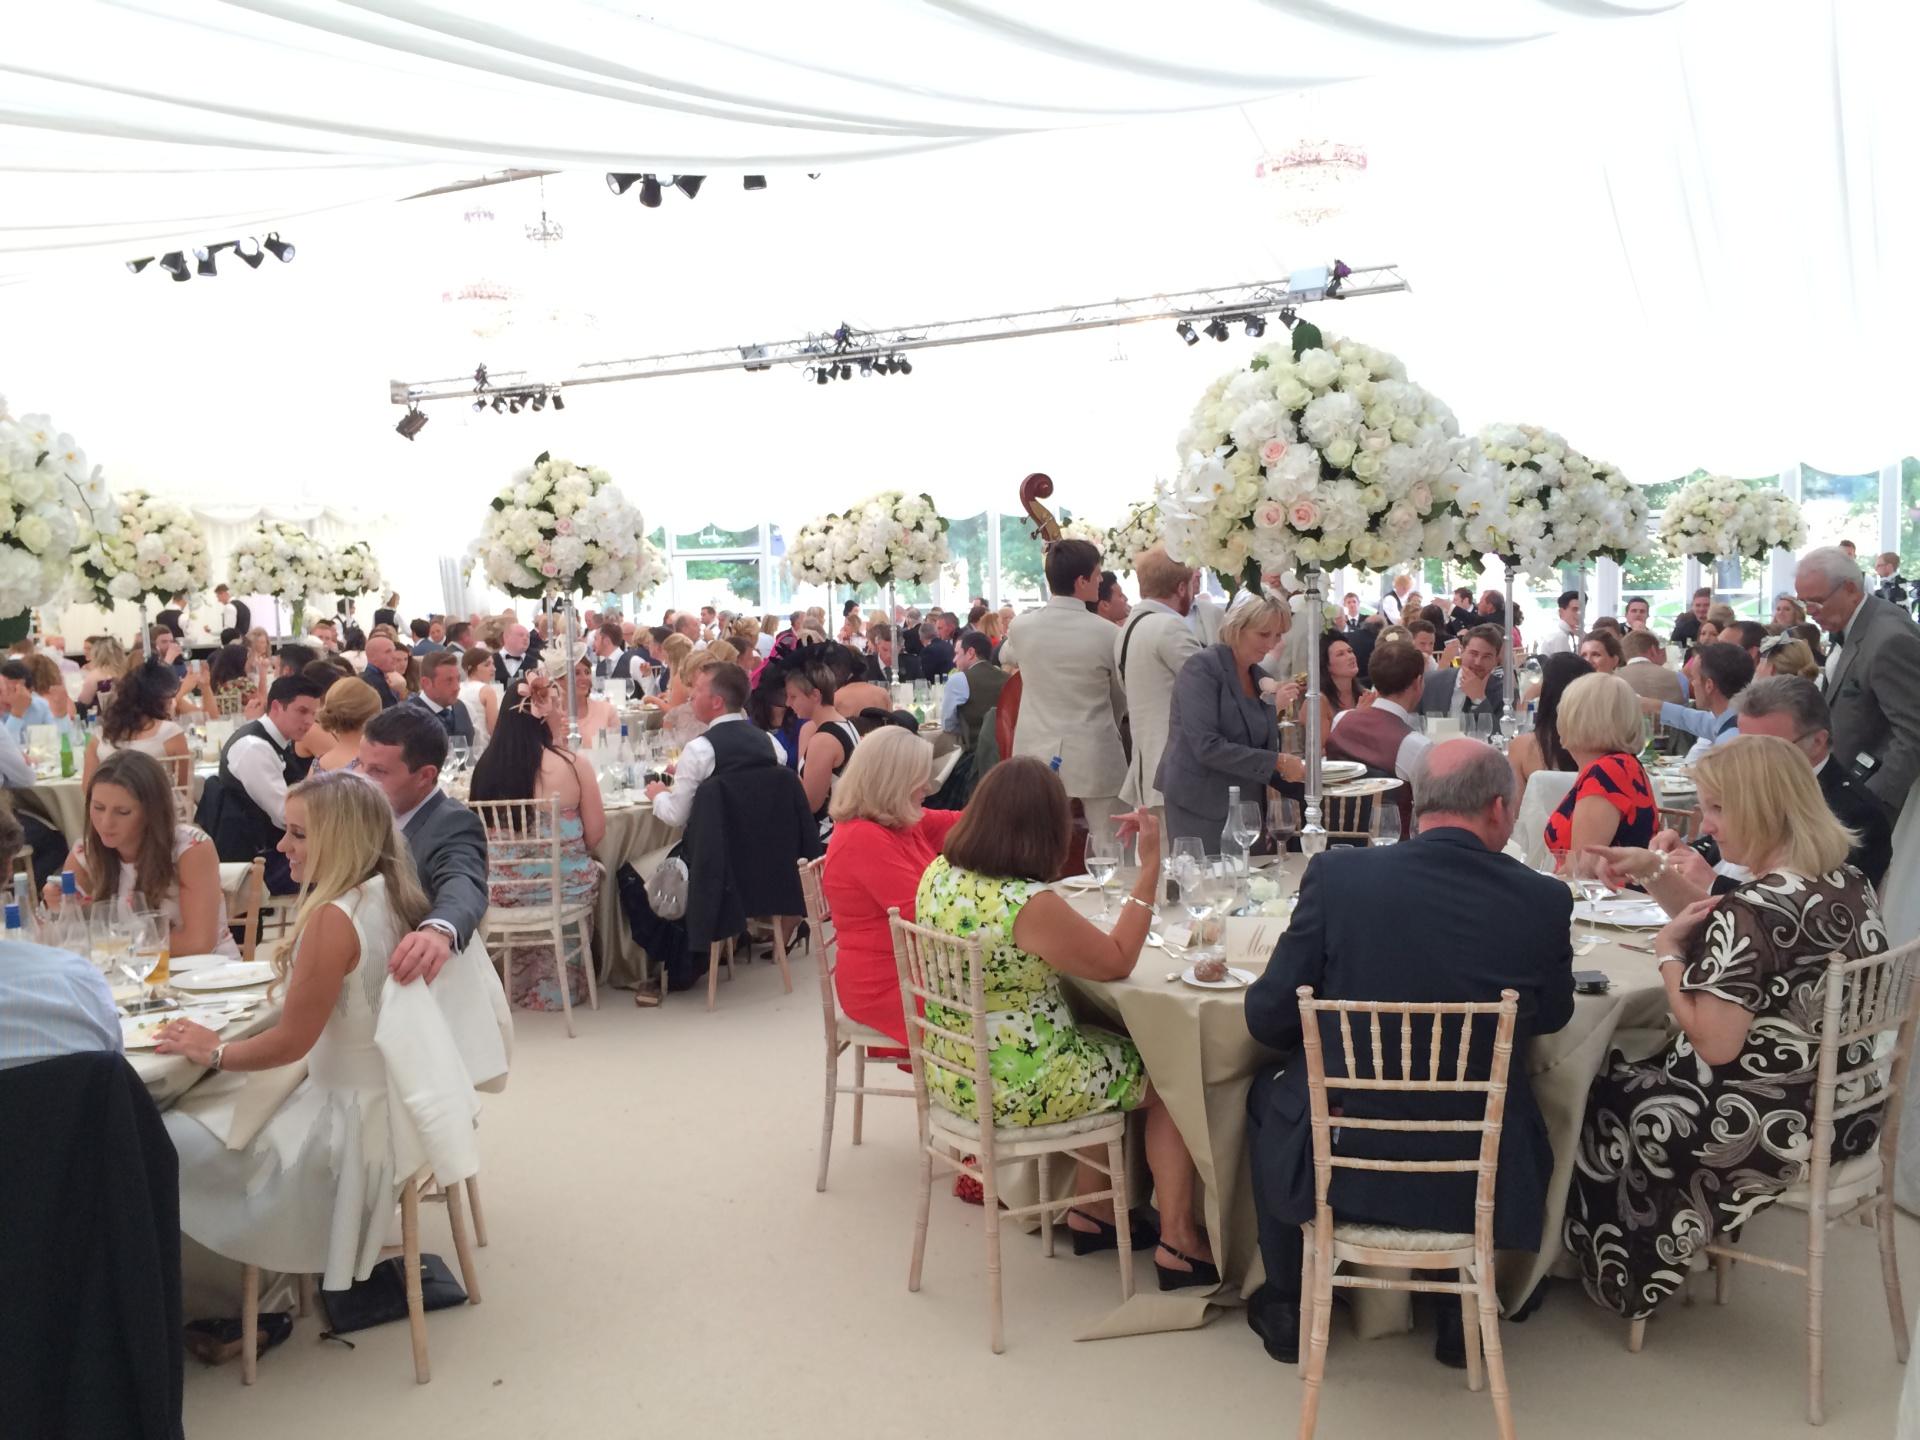 Marque Wedding slide 2